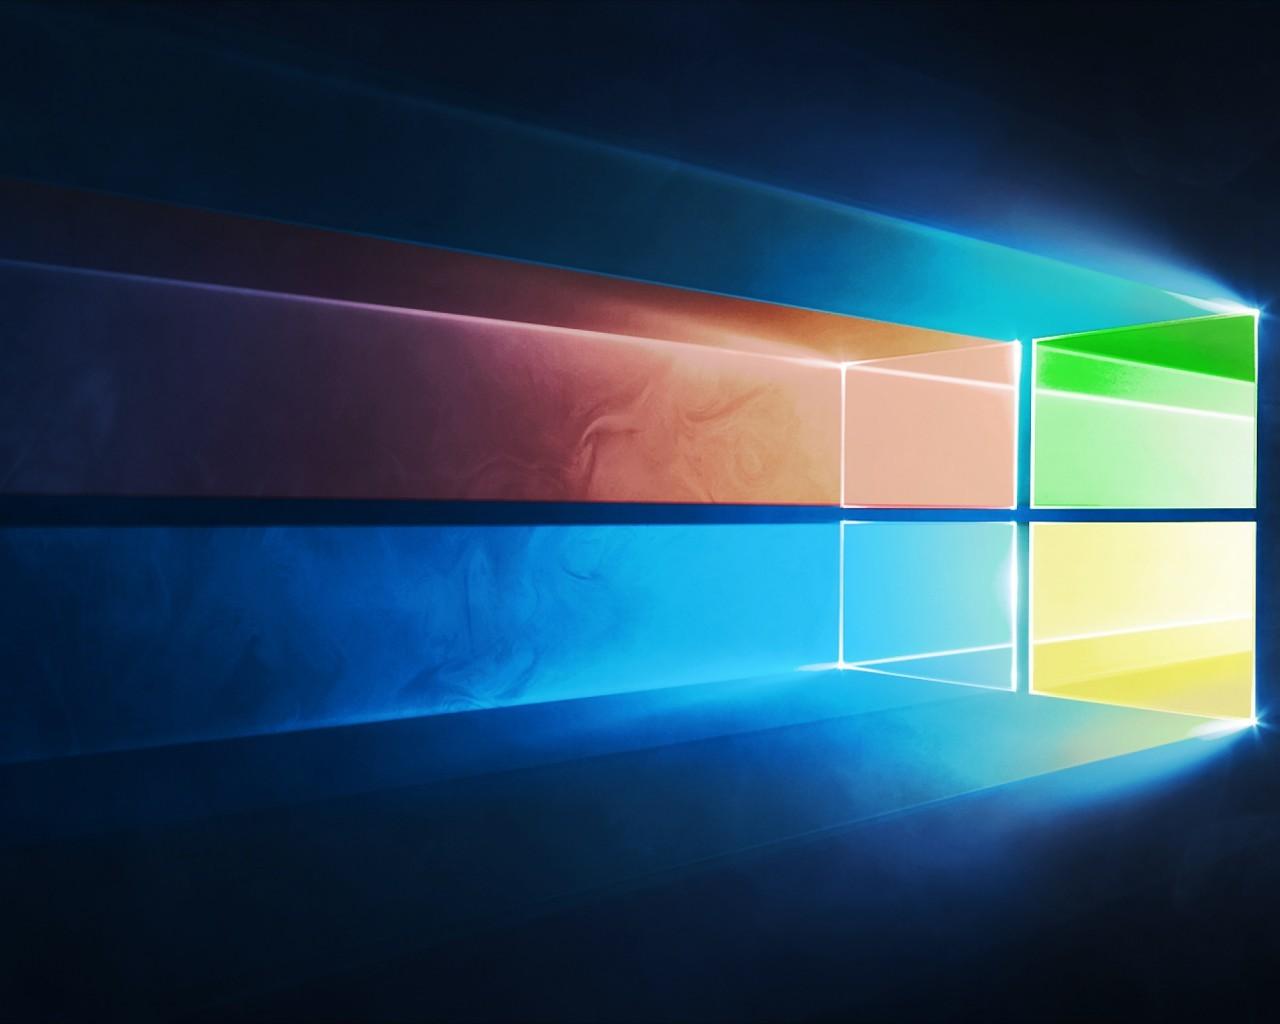 Картинки по запросу windows 10 color background